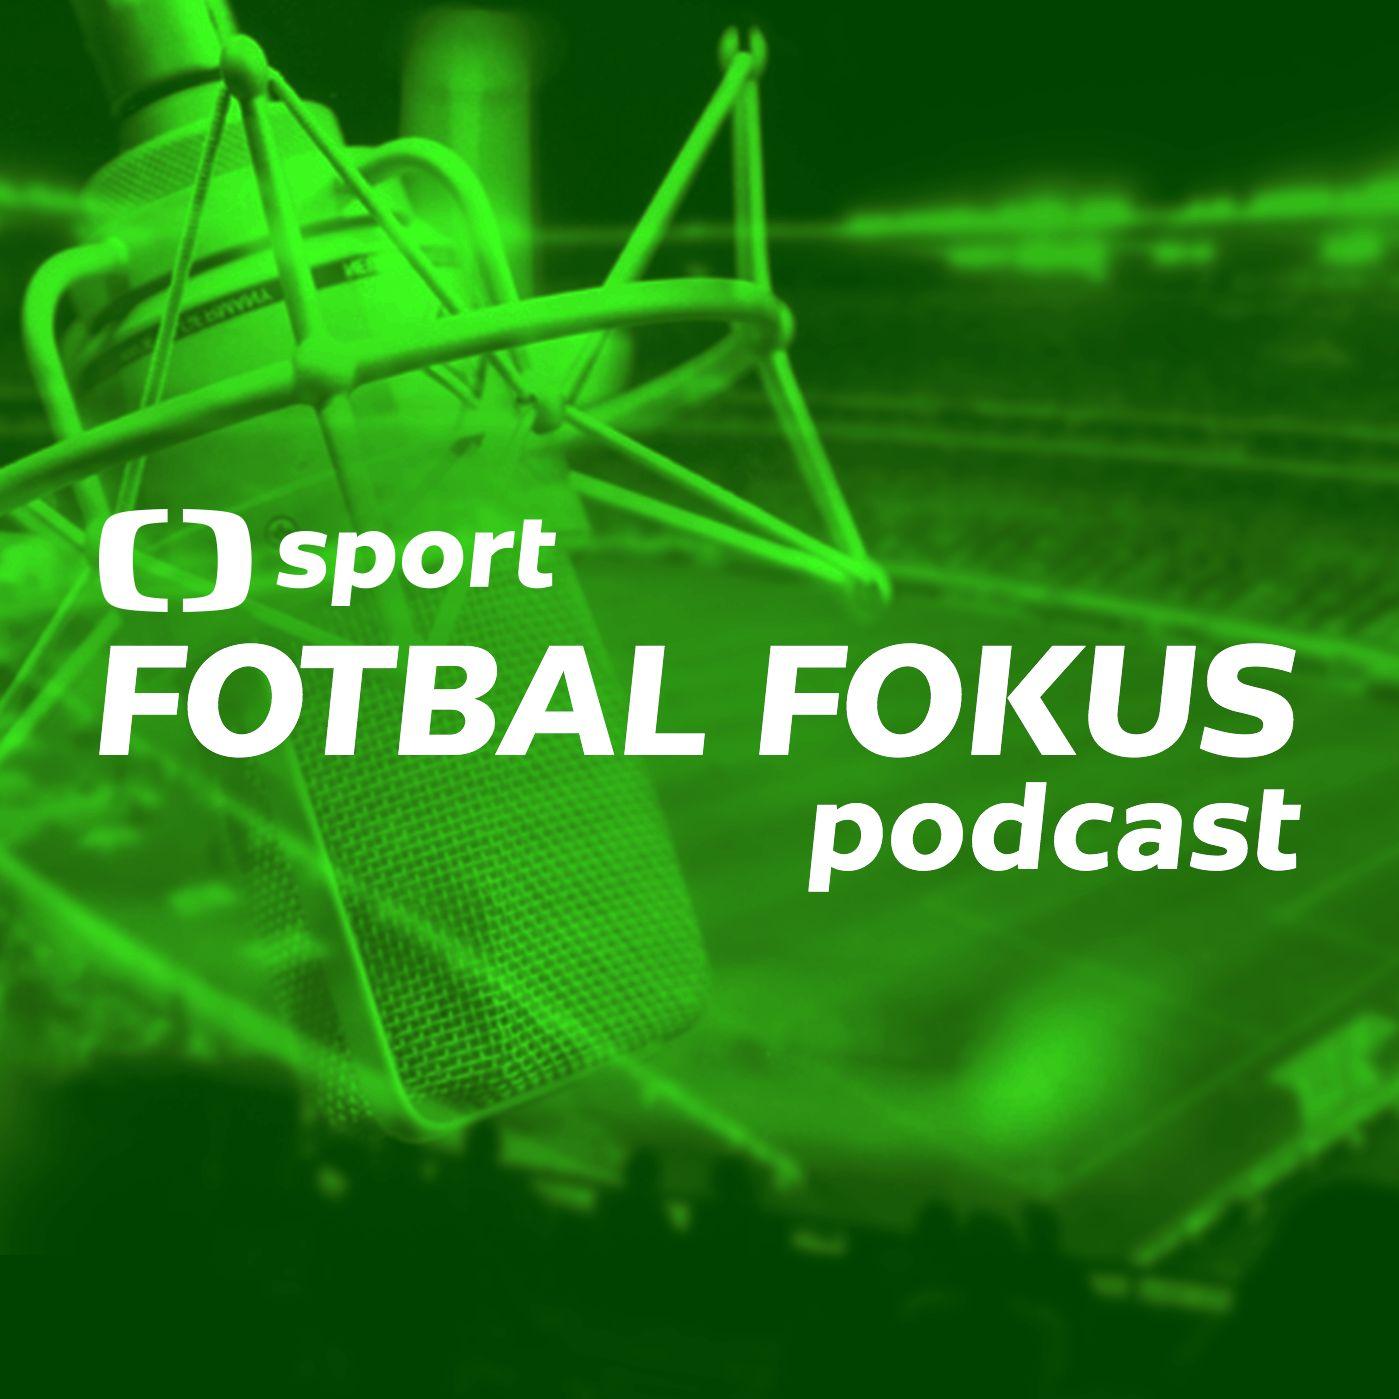 Fotbal fokus podcast: Proč český fotbal najednou přitahuje zvučné posily?